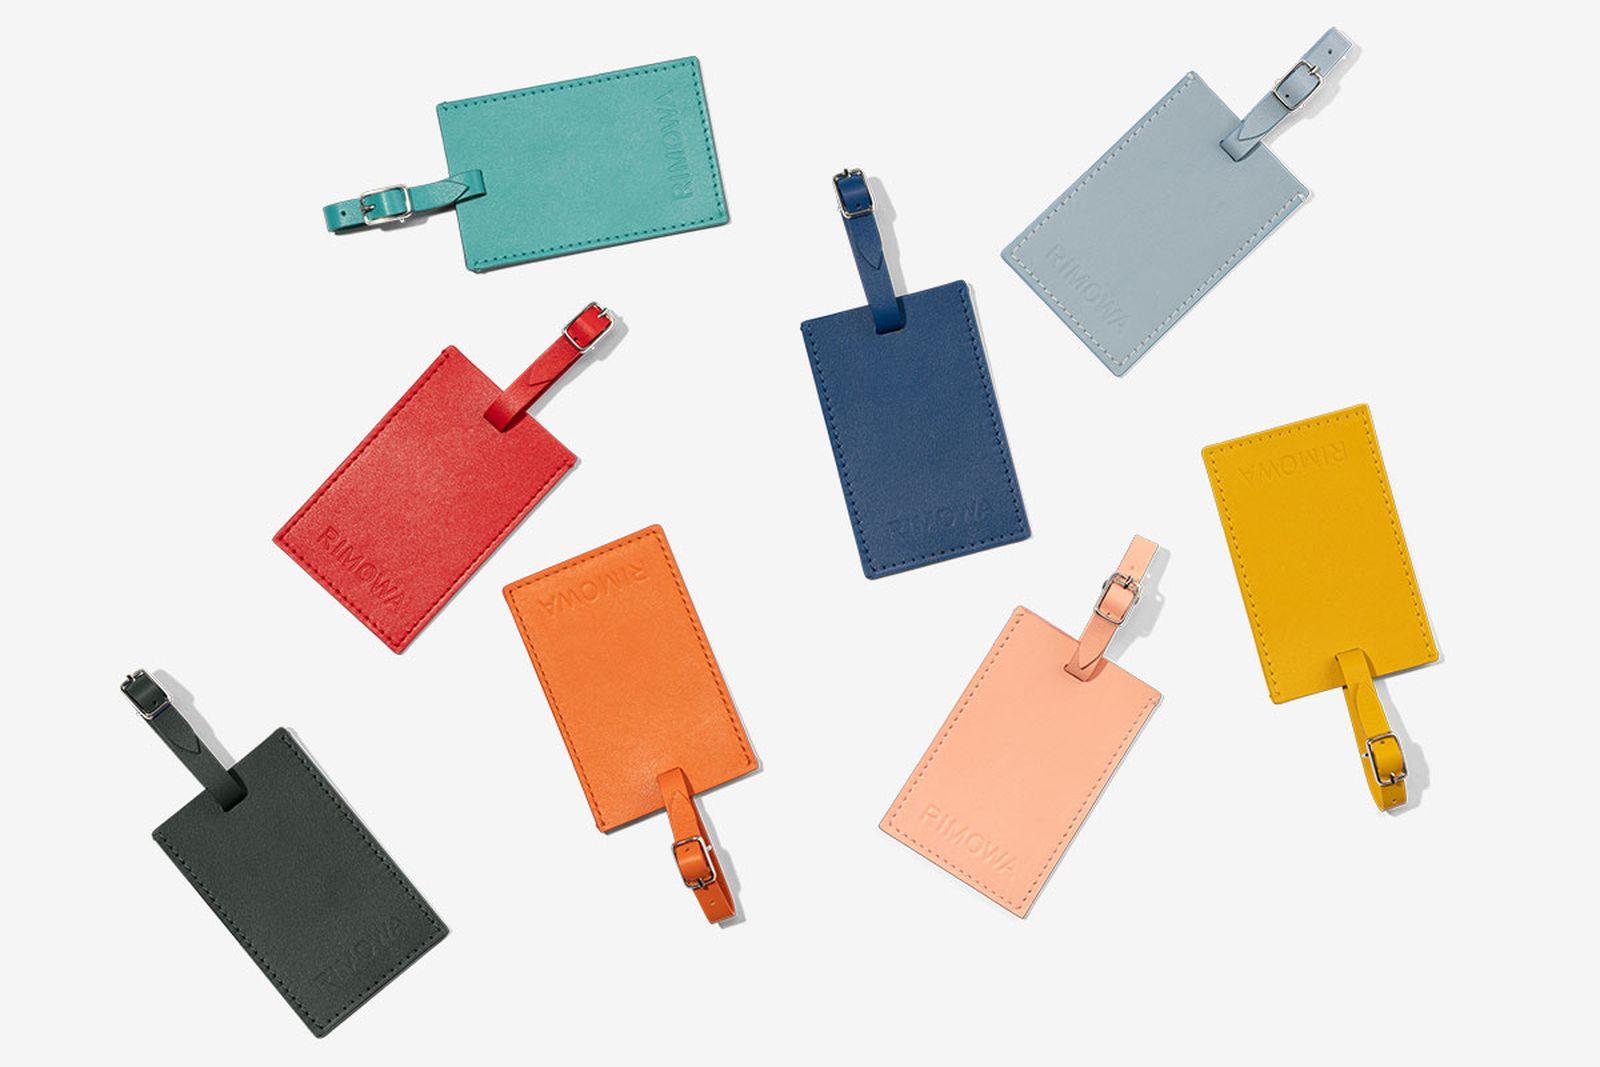 rimowa colorful luggage tags